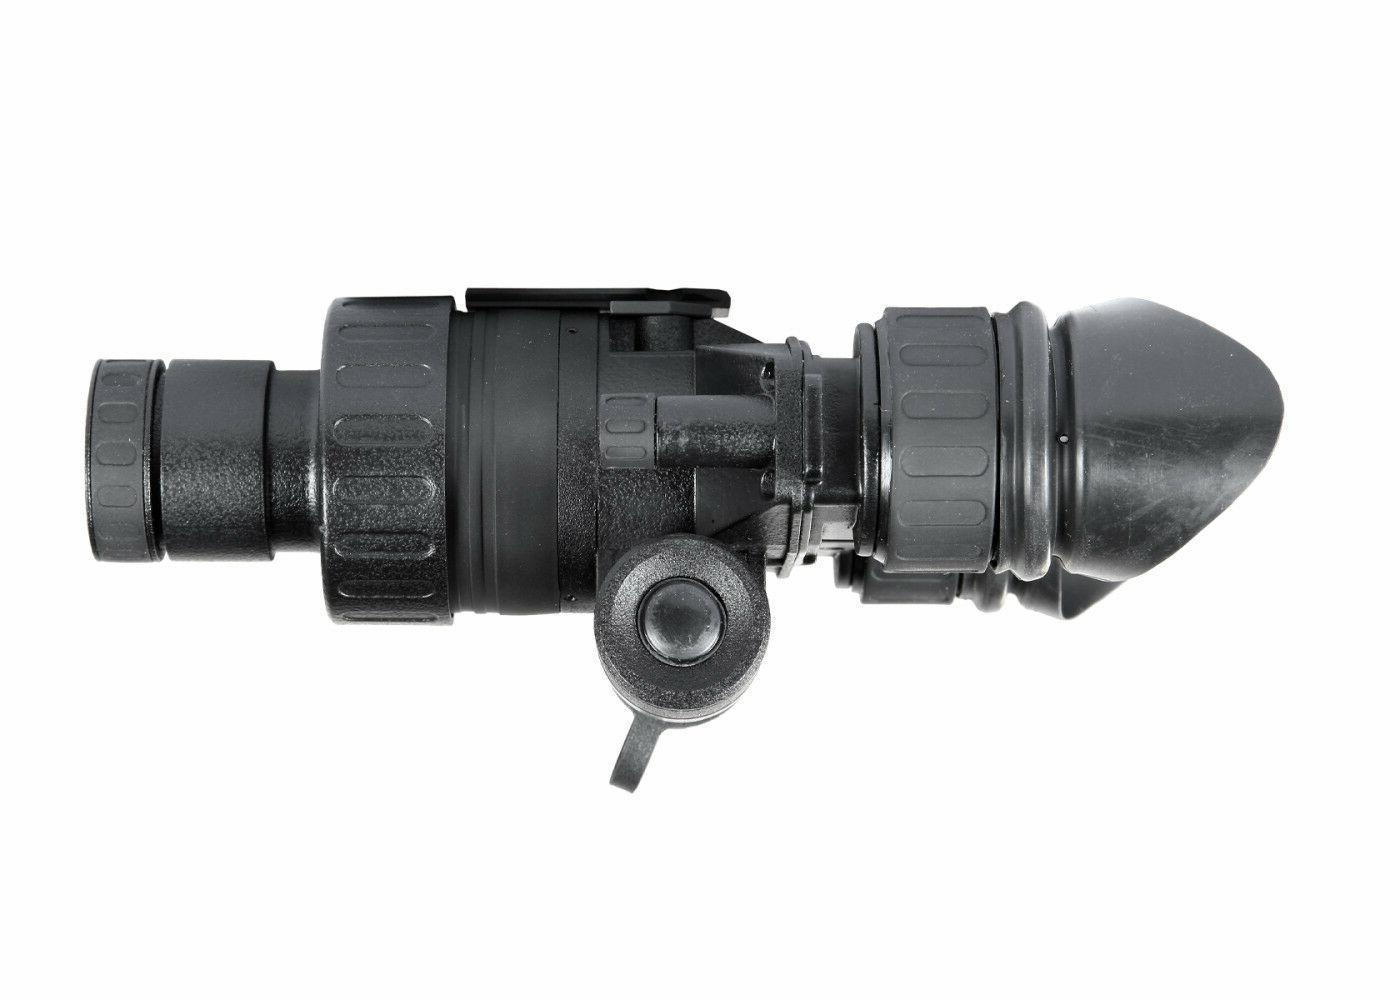 ARMASIGHT by FLIR GEN Definition Night Vision PVS7